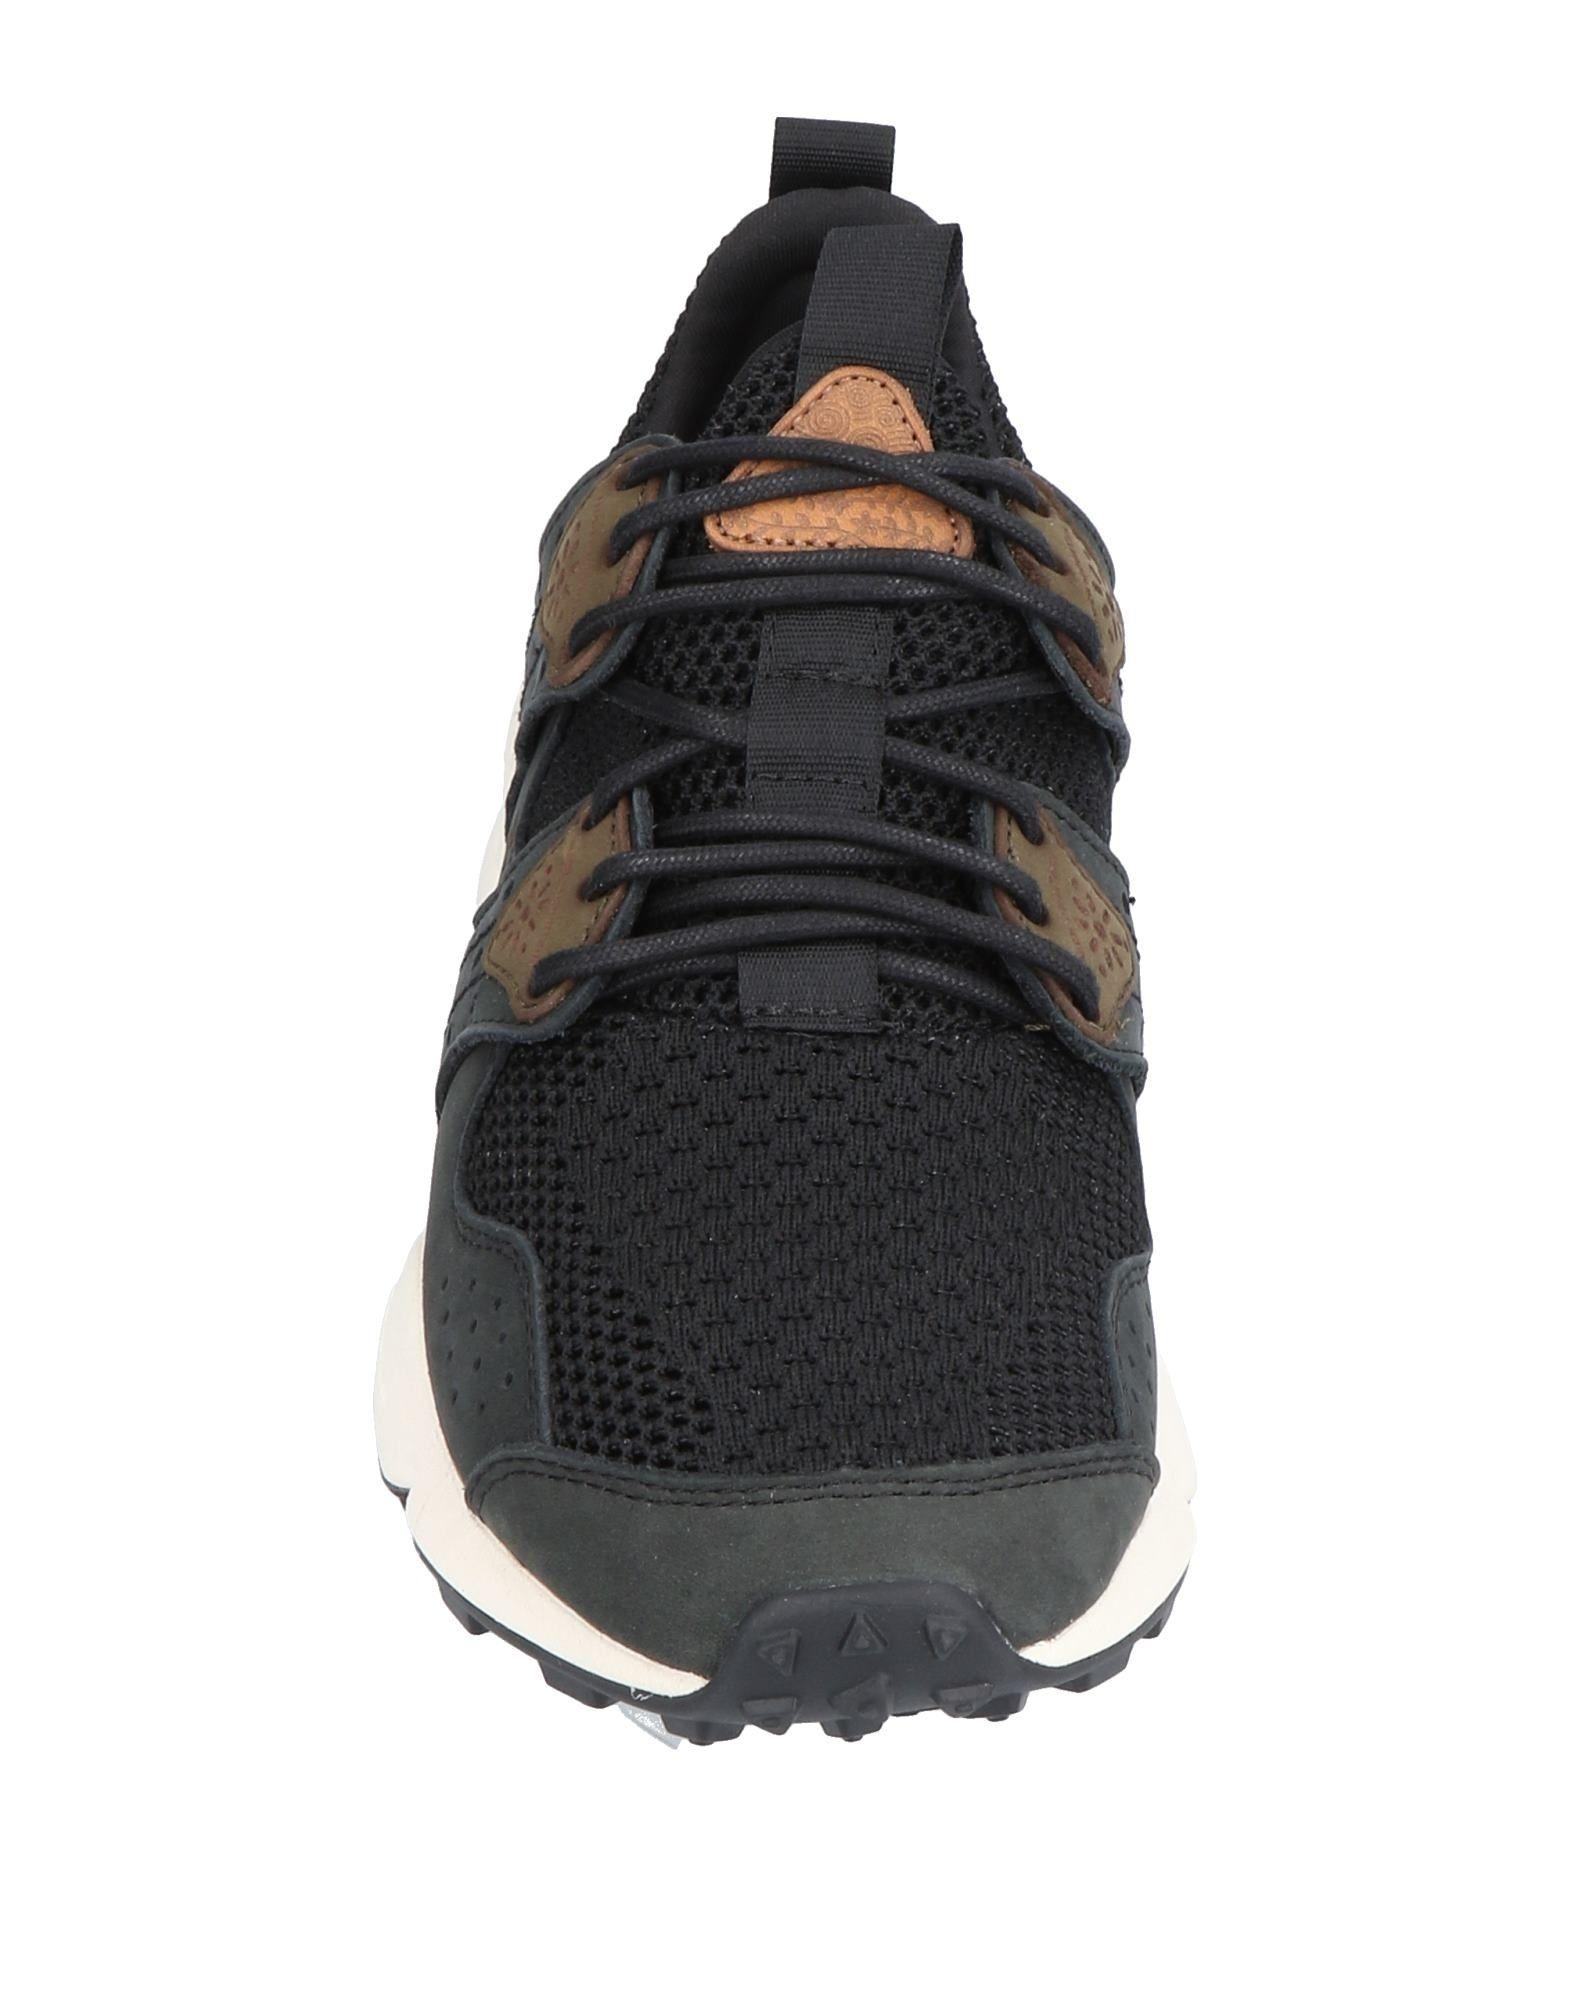 4c0f9ccbe01c7 ... Rabatt Mountain® echte Schuhe Flower Mountain® Rabatt Sneakers Herren  11495360IA e9d23f ...